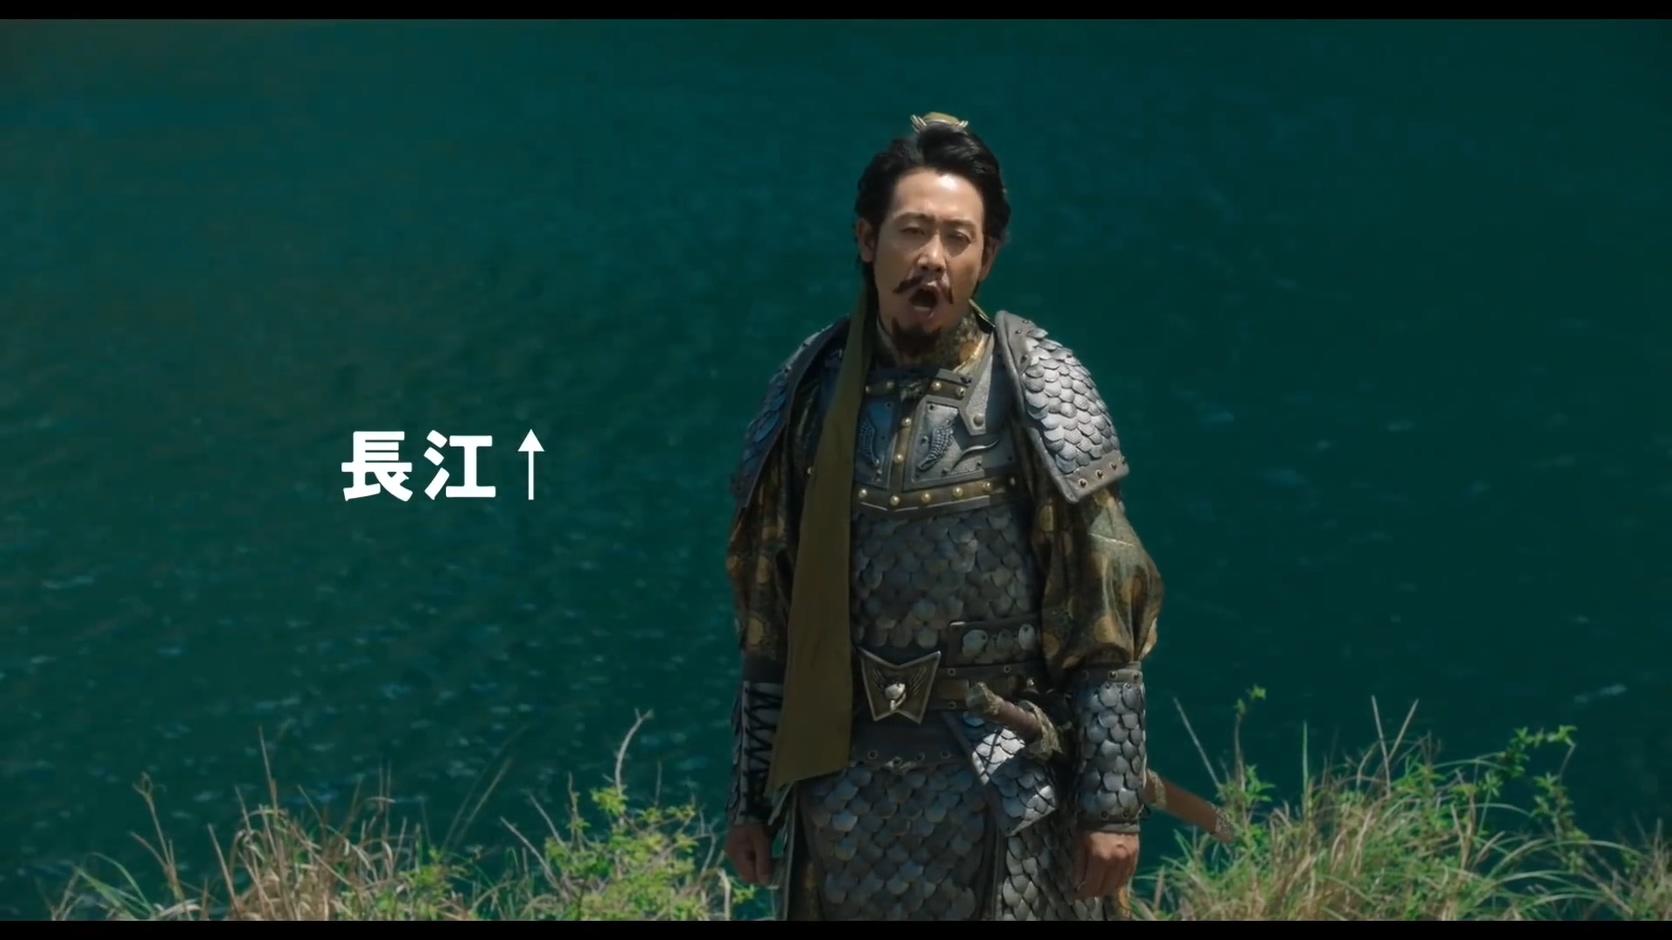 《新解释·三国志》预告片公开 全明星阵容亮相